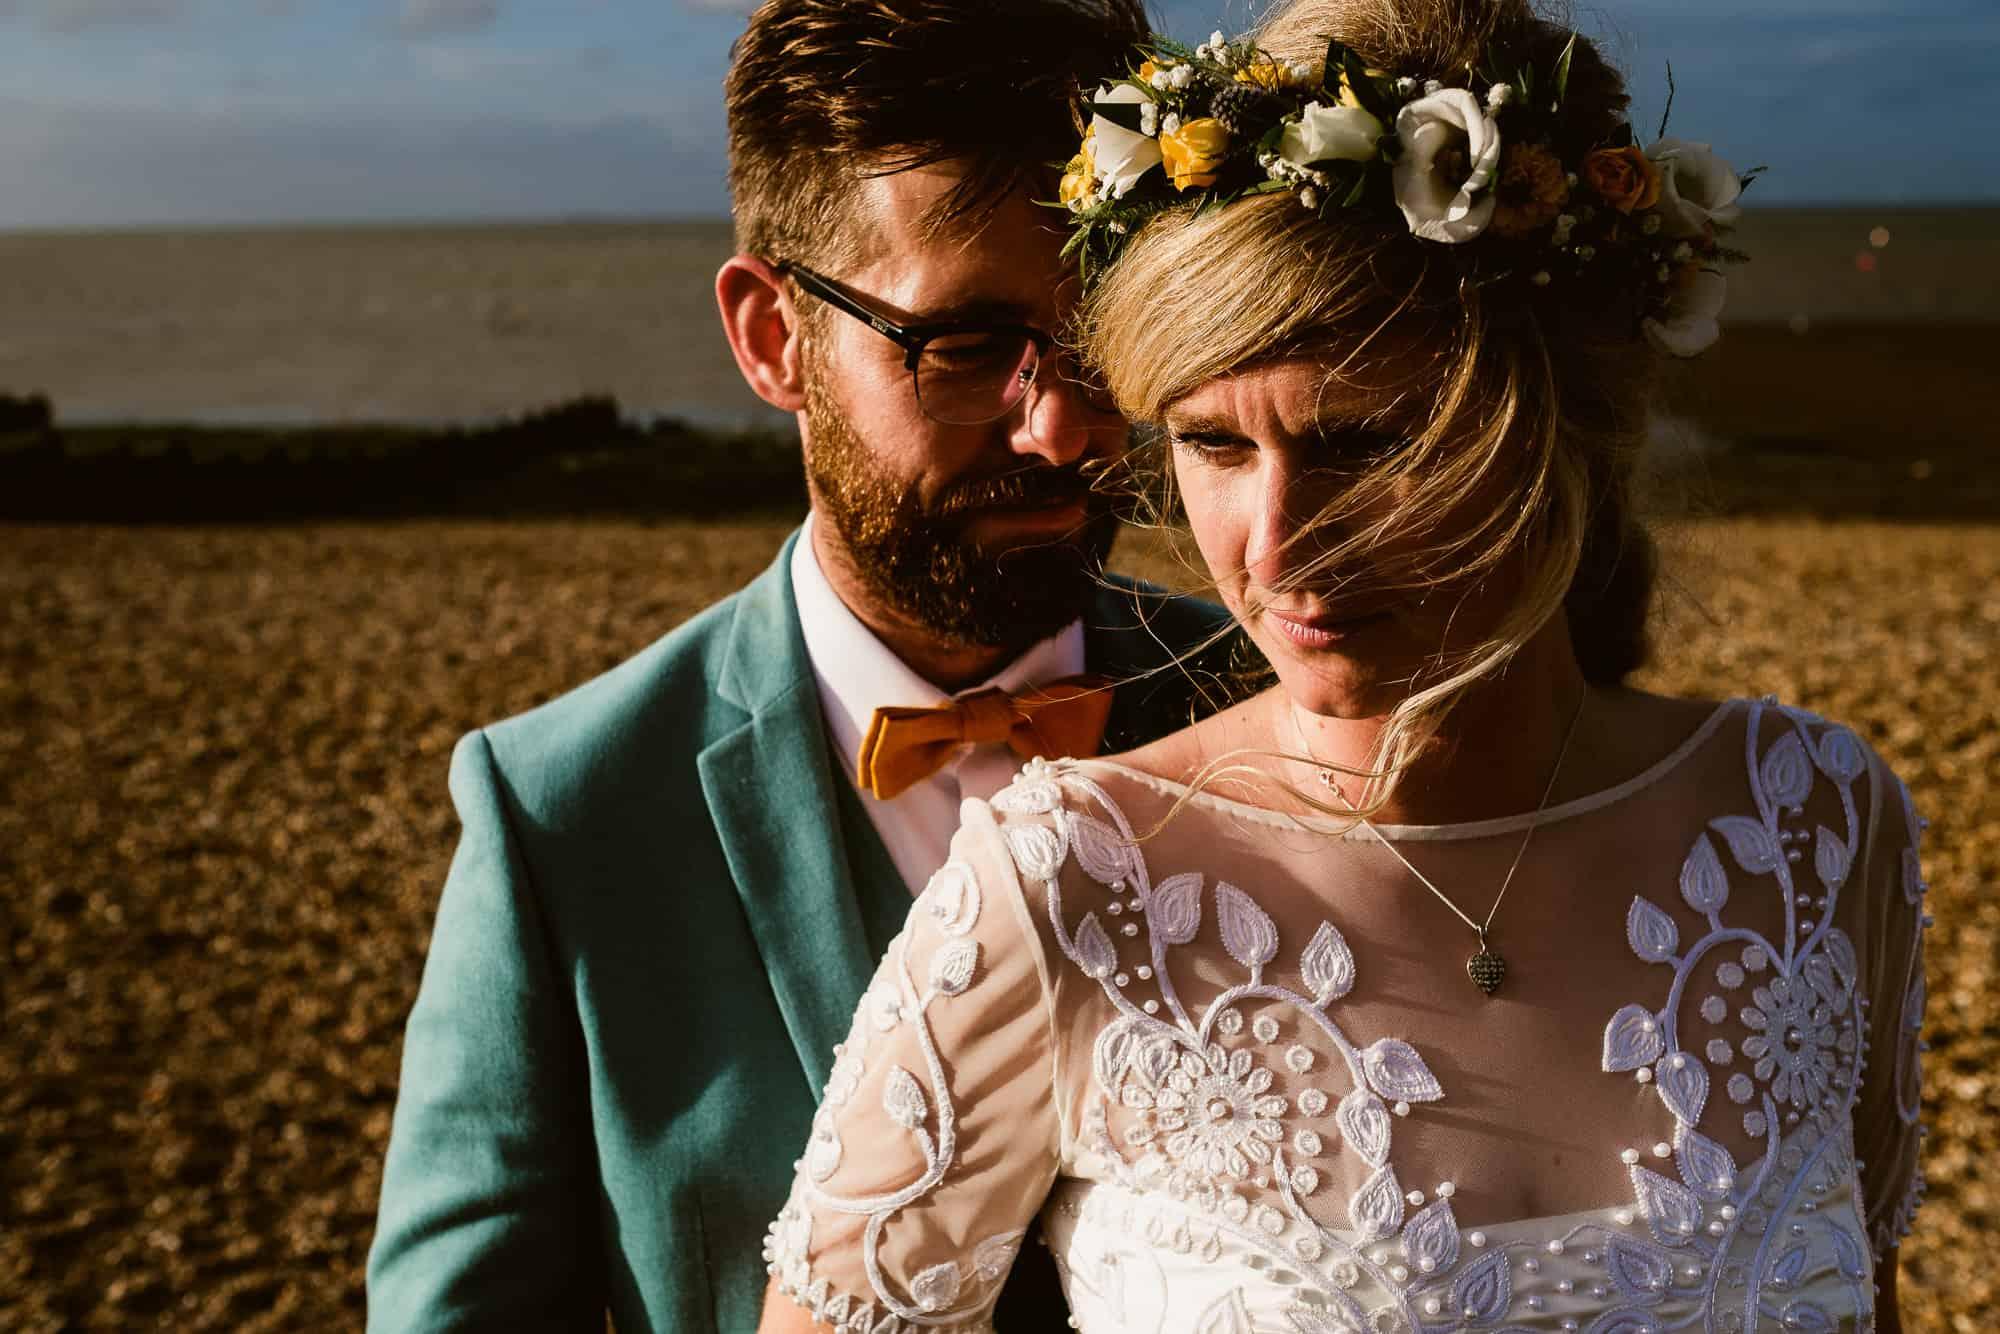 east-quay-wedding-photography-matt-tyler-0065